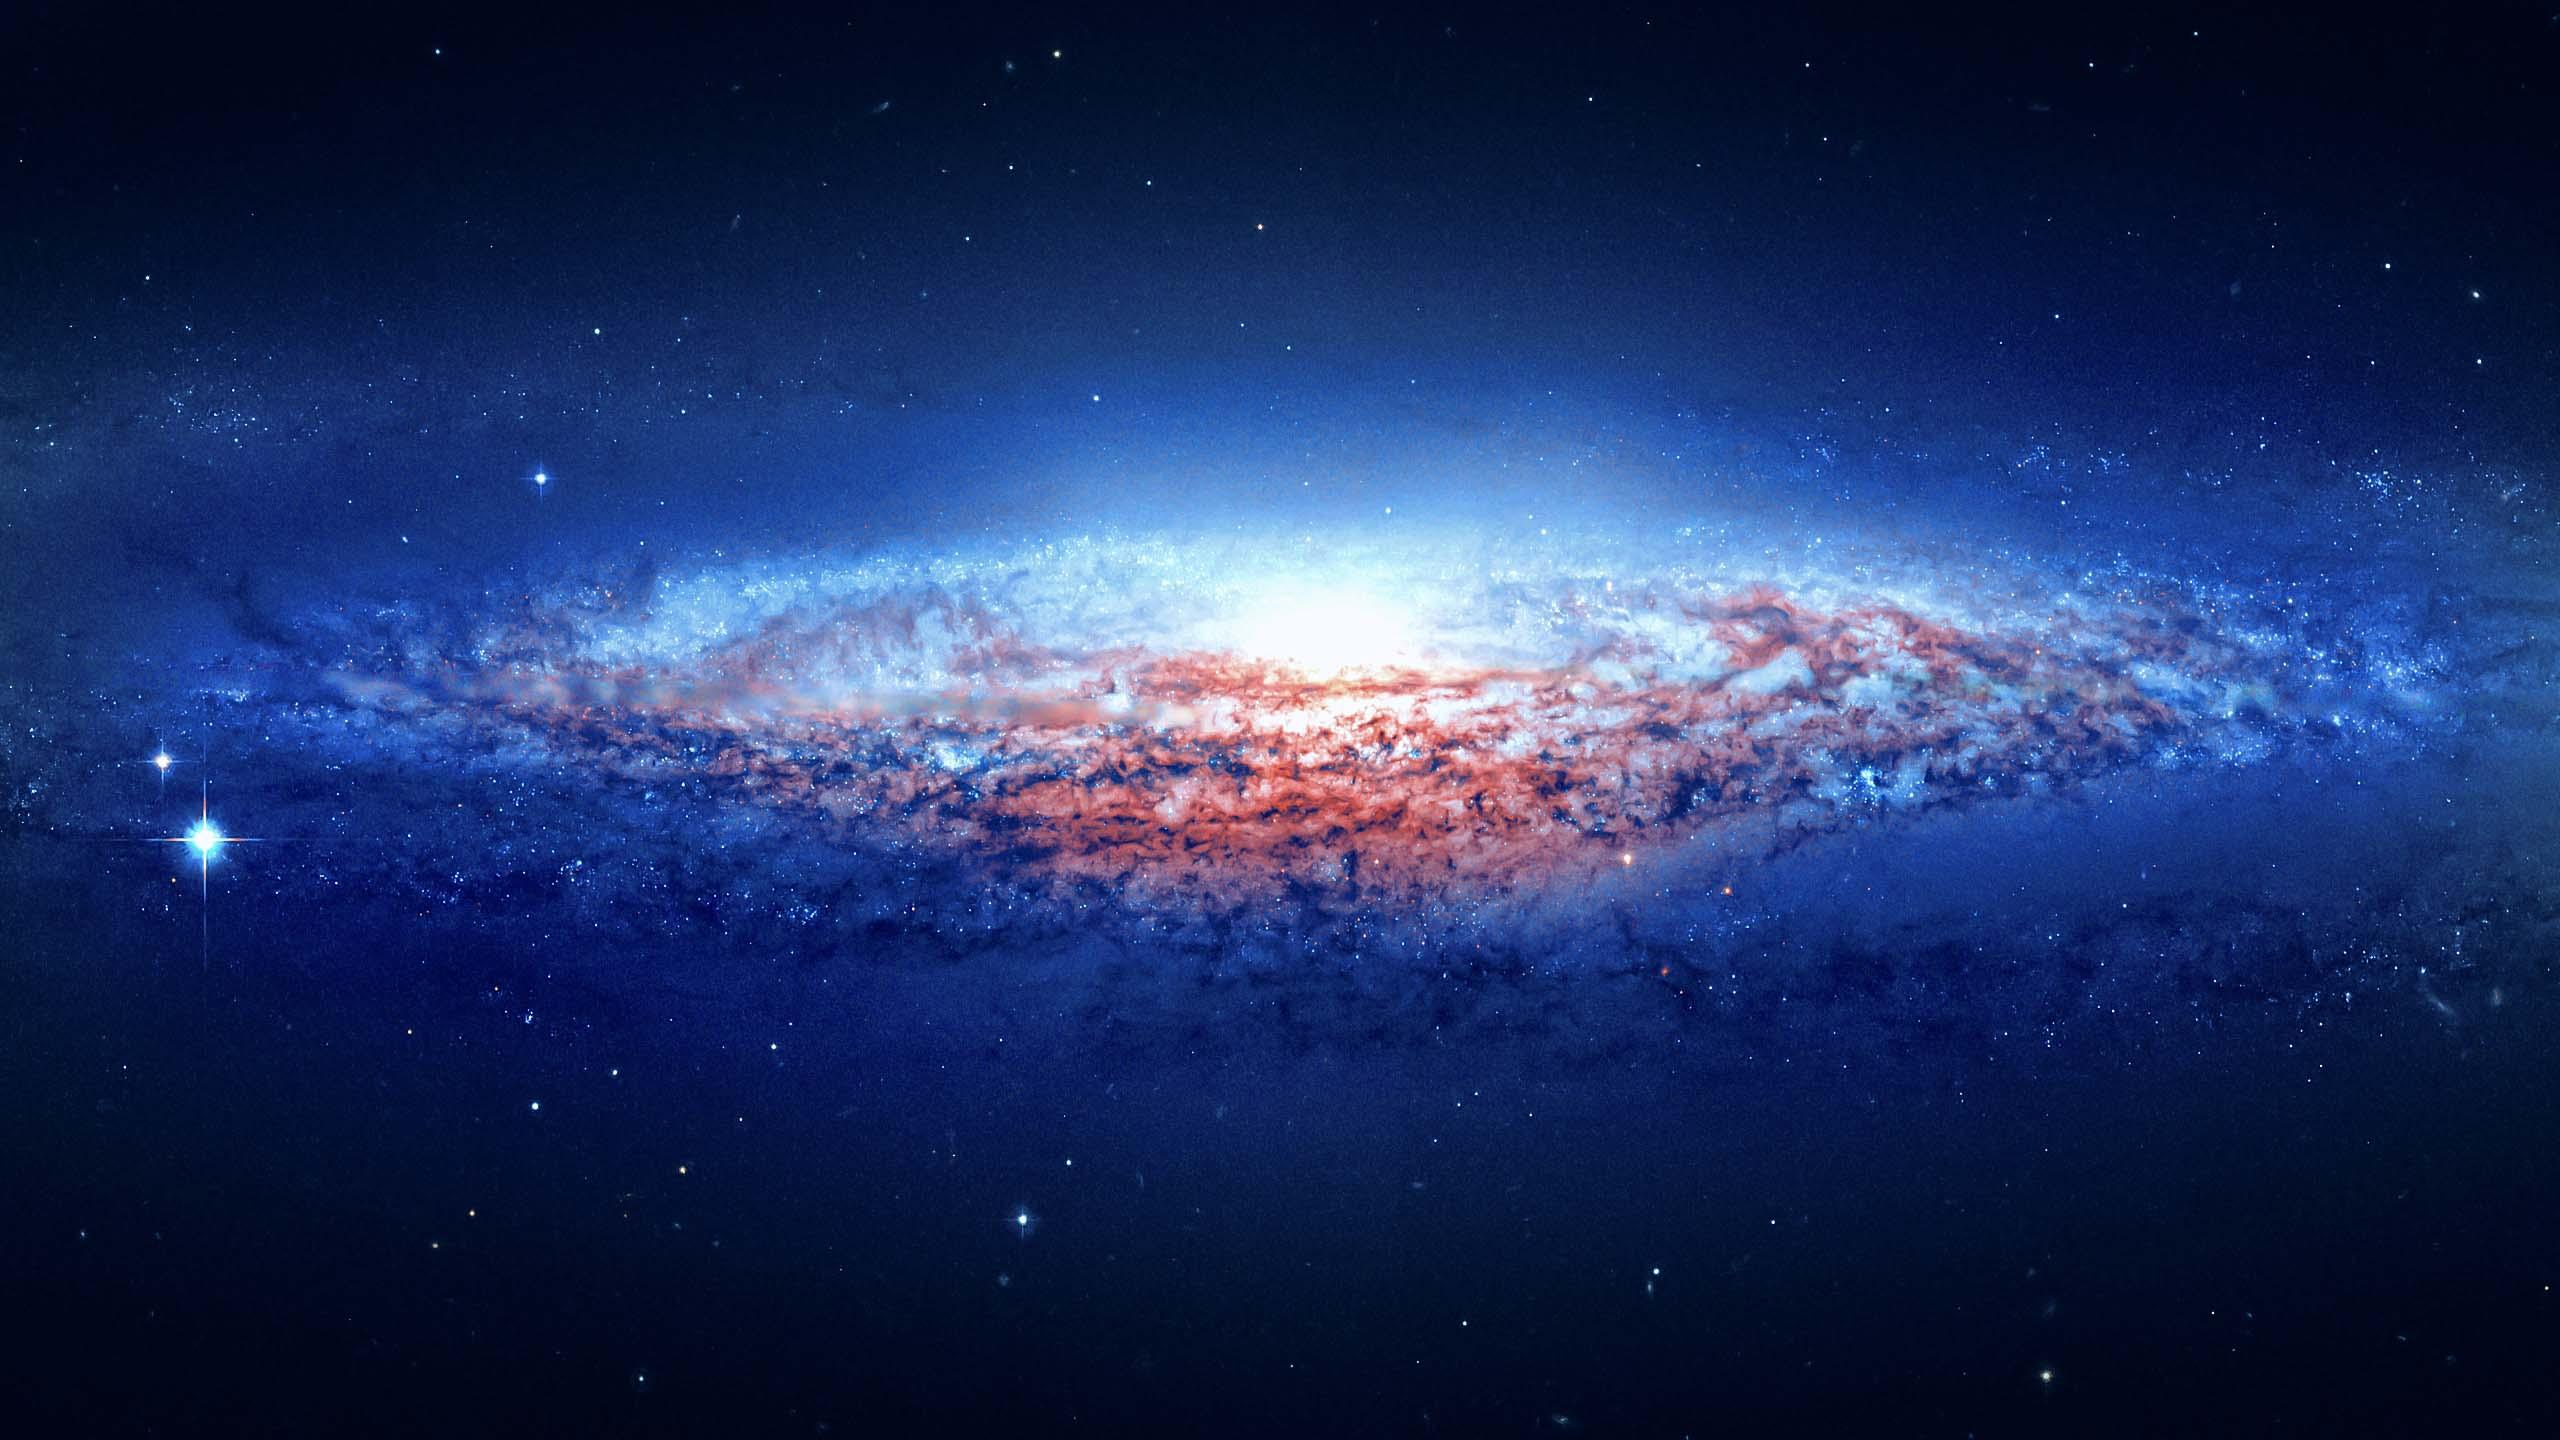 Blue galaxy wallpaper hd